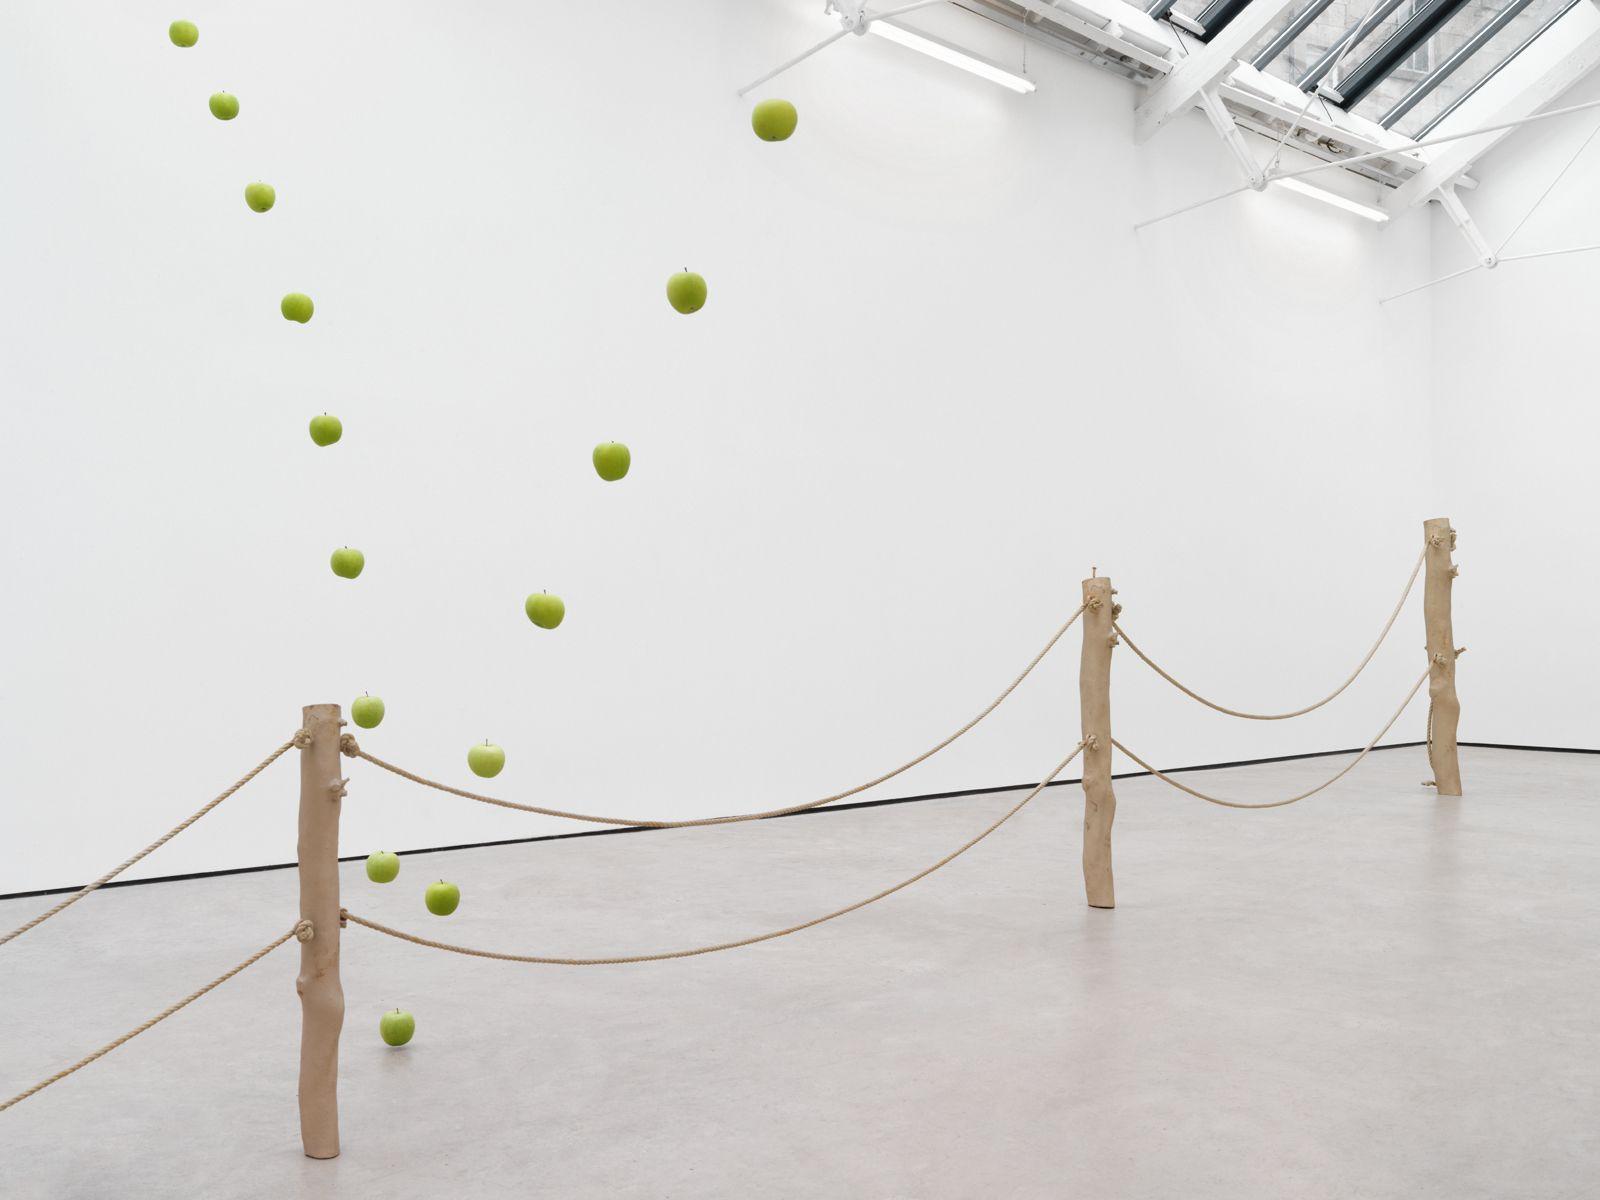 Installation view, Urs Fischer:∞,The Modern Institute, Glasgow, SCT, 2015